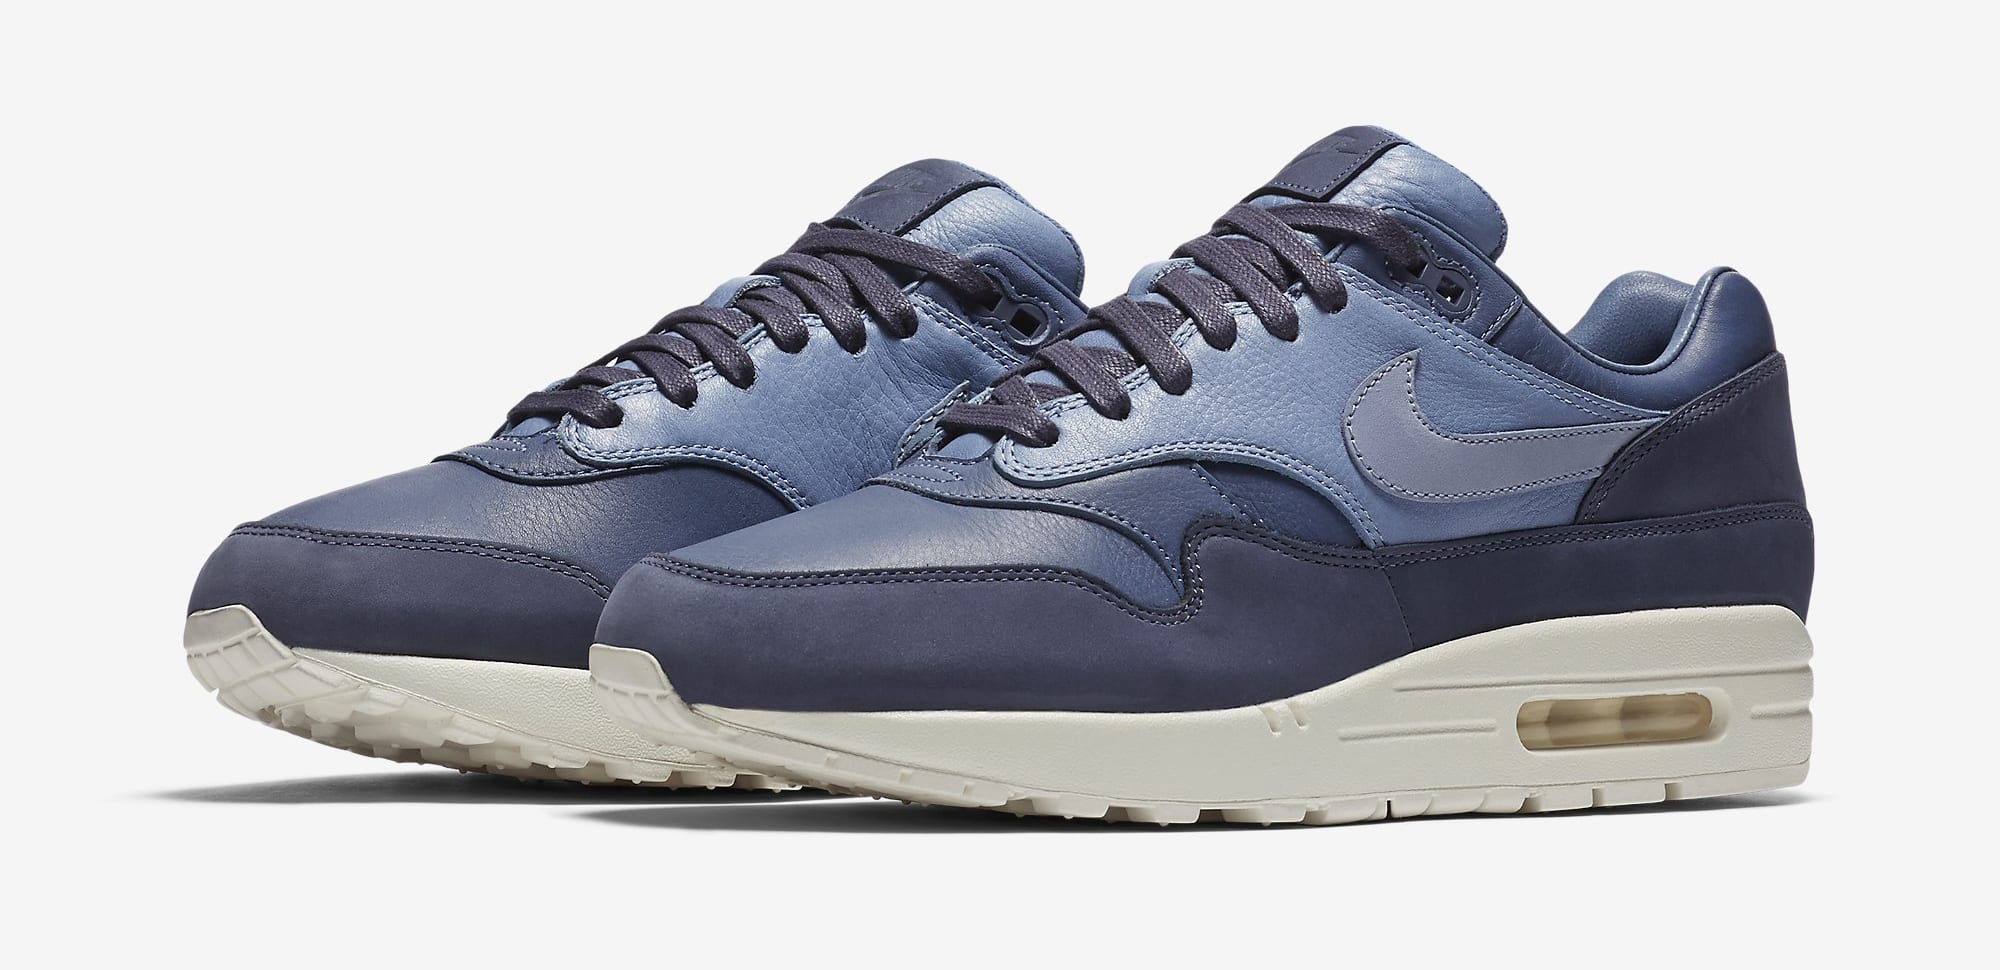 Nike Air Max 1 Pinnacle Leather Ocean Fog Blue Sail 859554-400